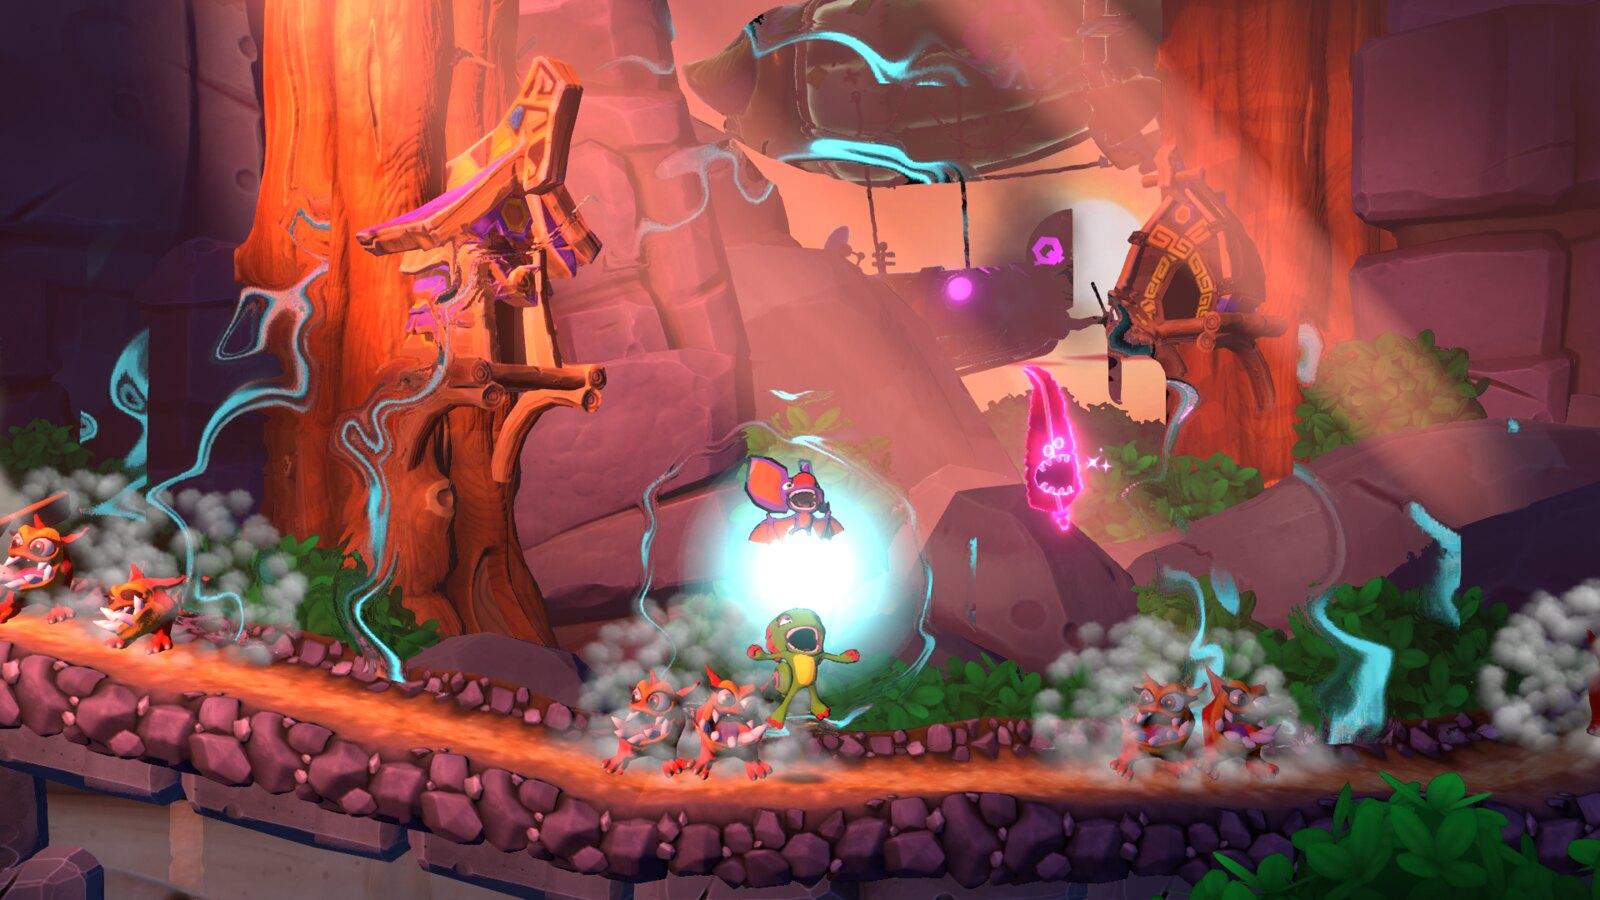 48644381148 0ce60177c6 h - Das farbenfrohe Plattformer-Sequel Yooka-Laylee und das Unerreichbare Versteck bekommt ein Erscheinungsdatum für PS4